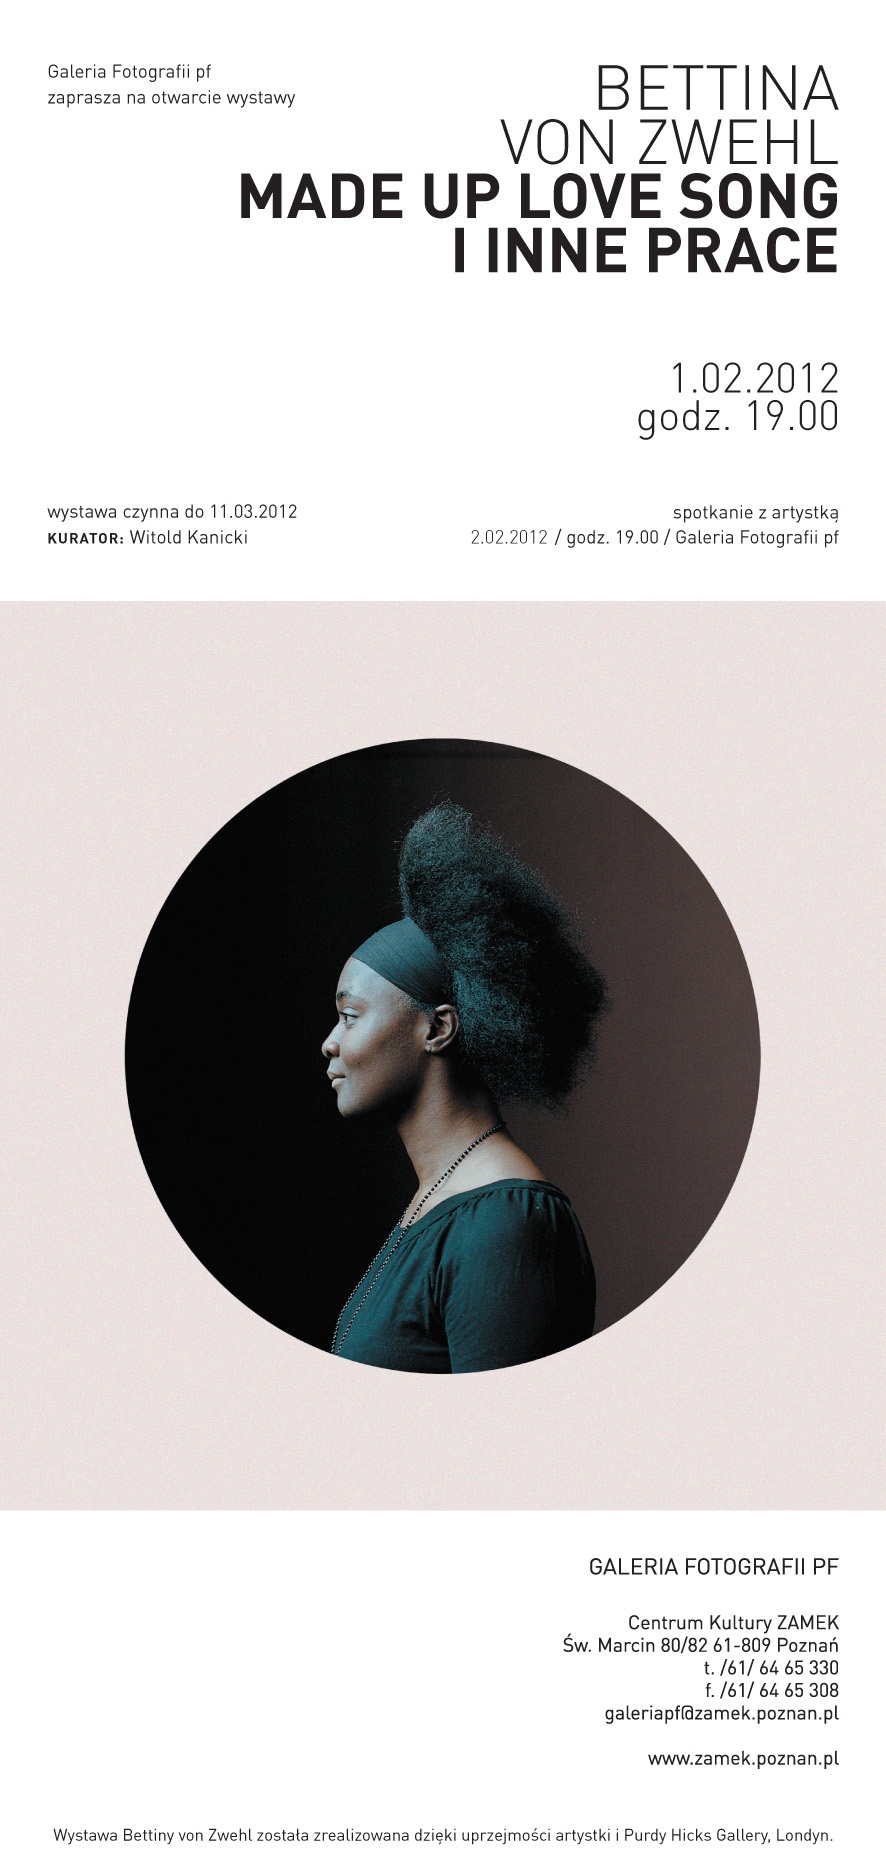 Wystawa Bettiny von Zwehl w Galerii Fotografii pf (źródło: materiał prasowy)